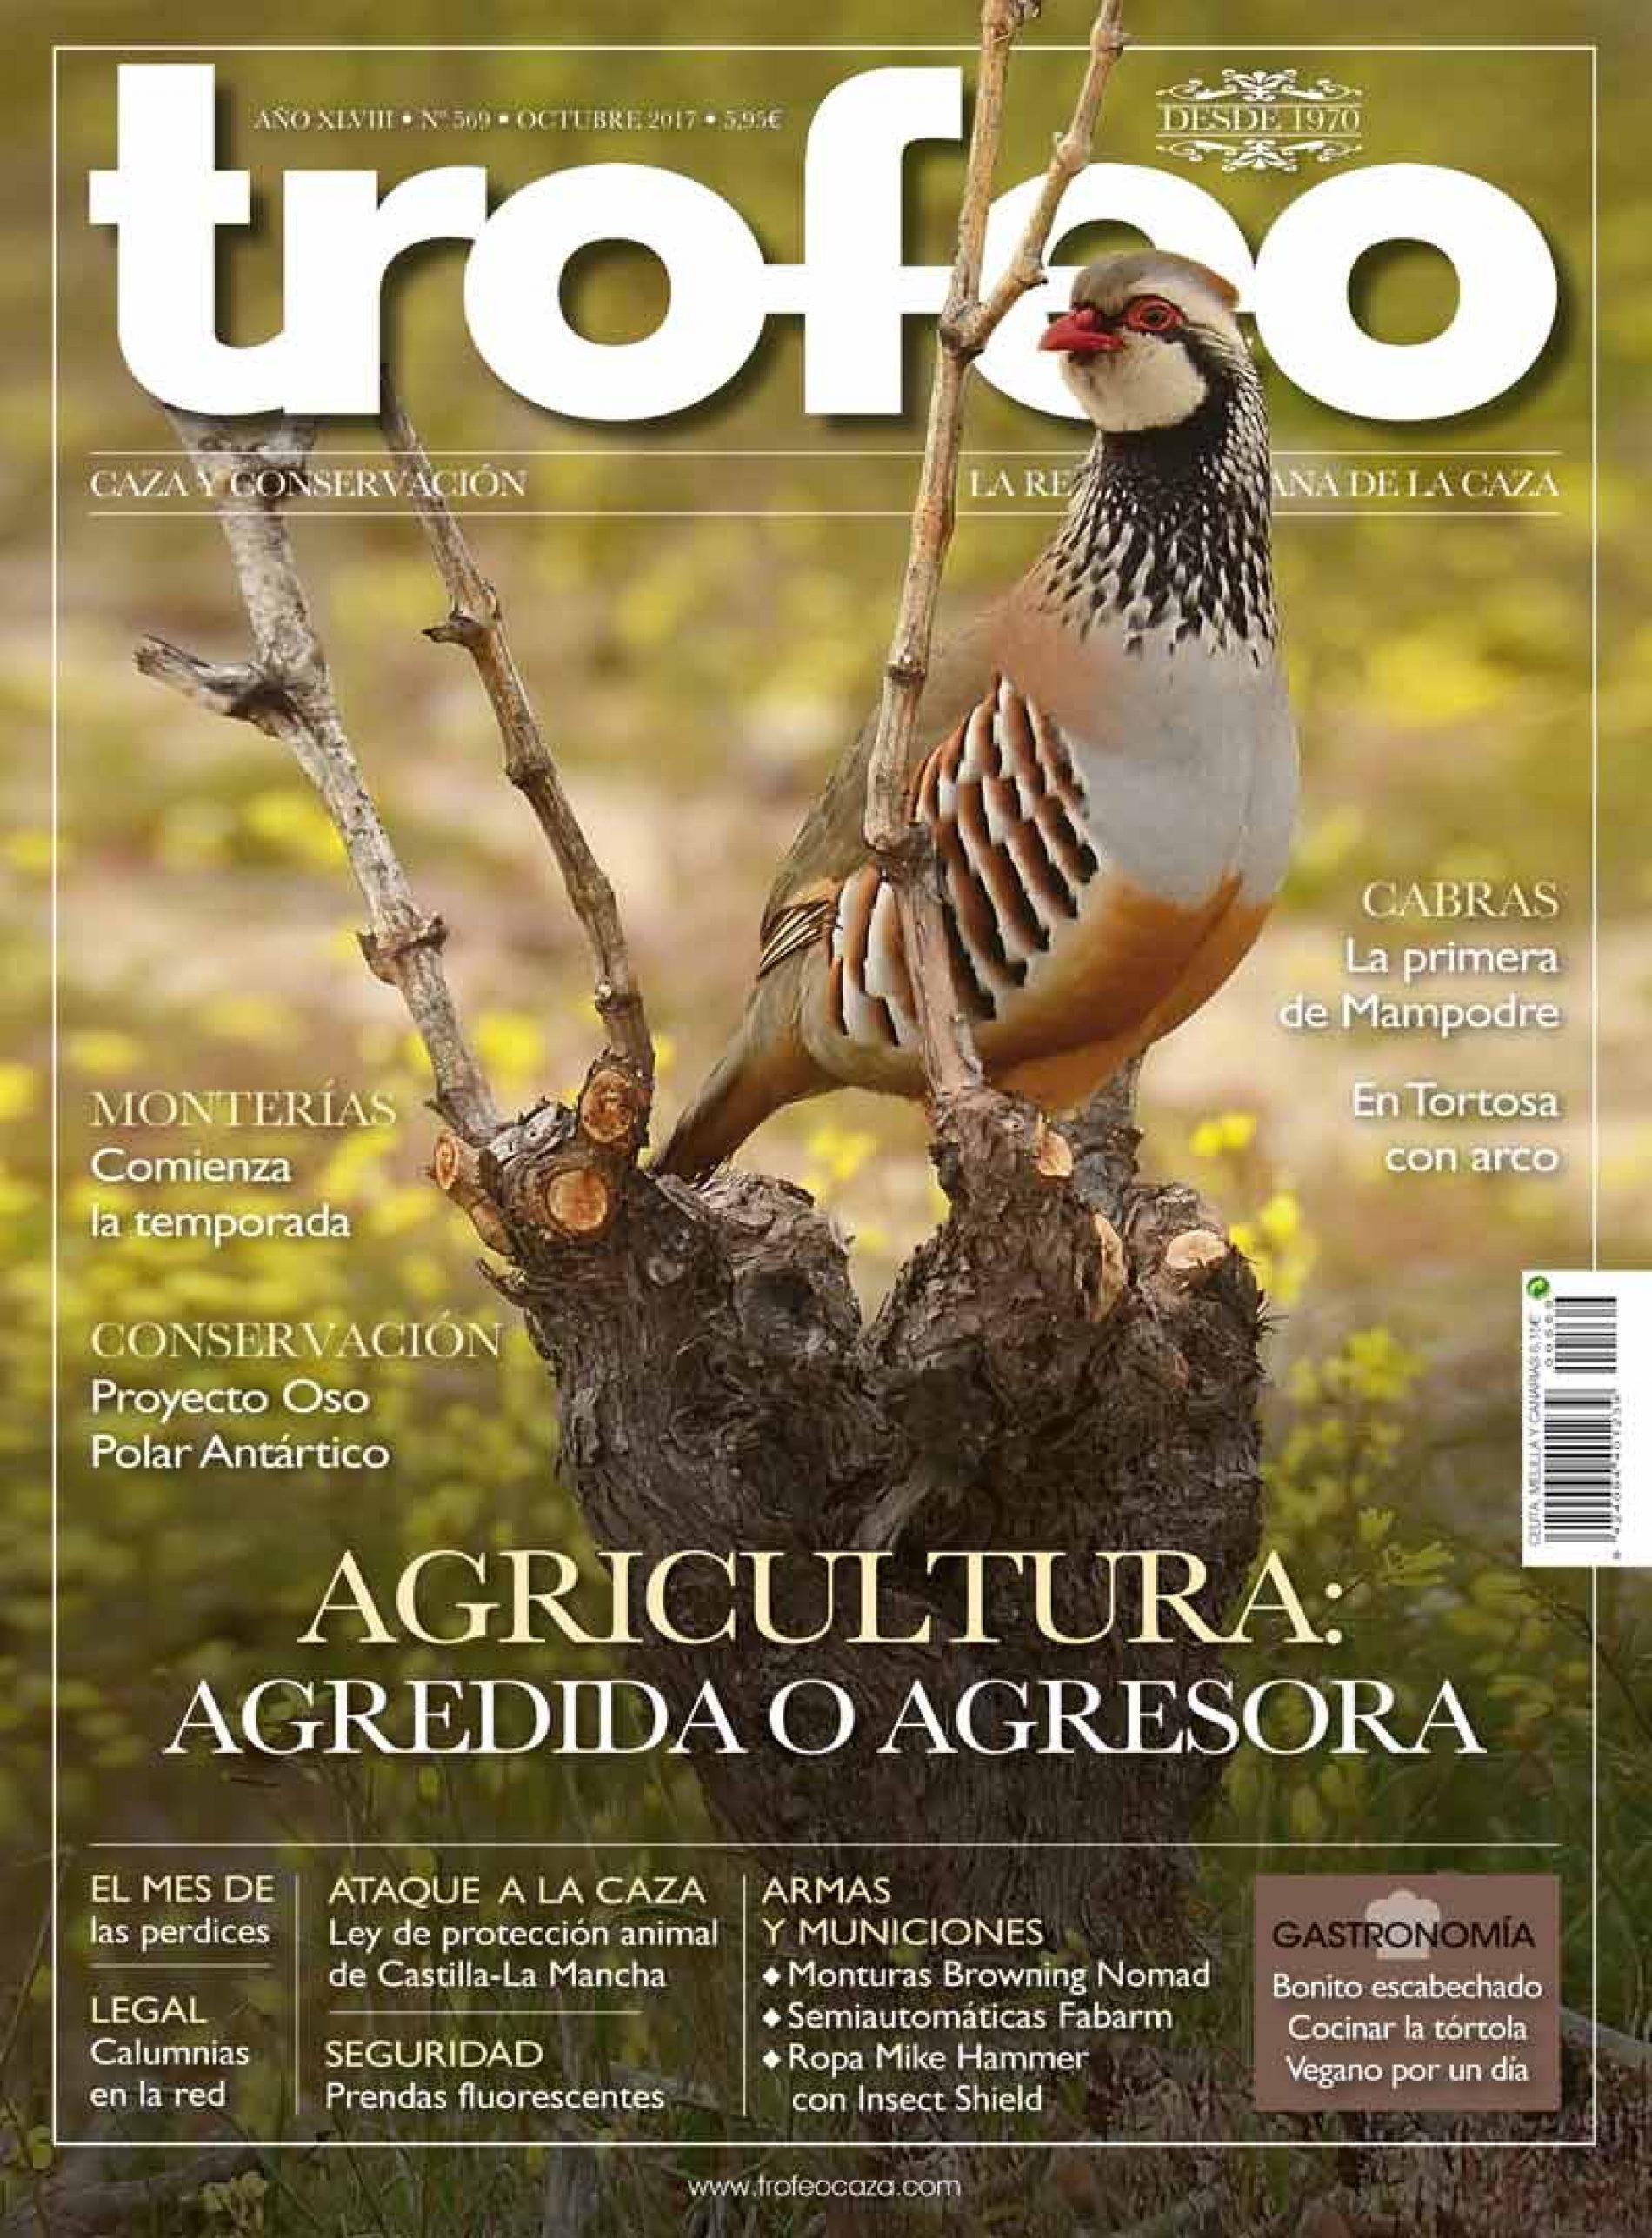 Actividades rurales y medio ambiente